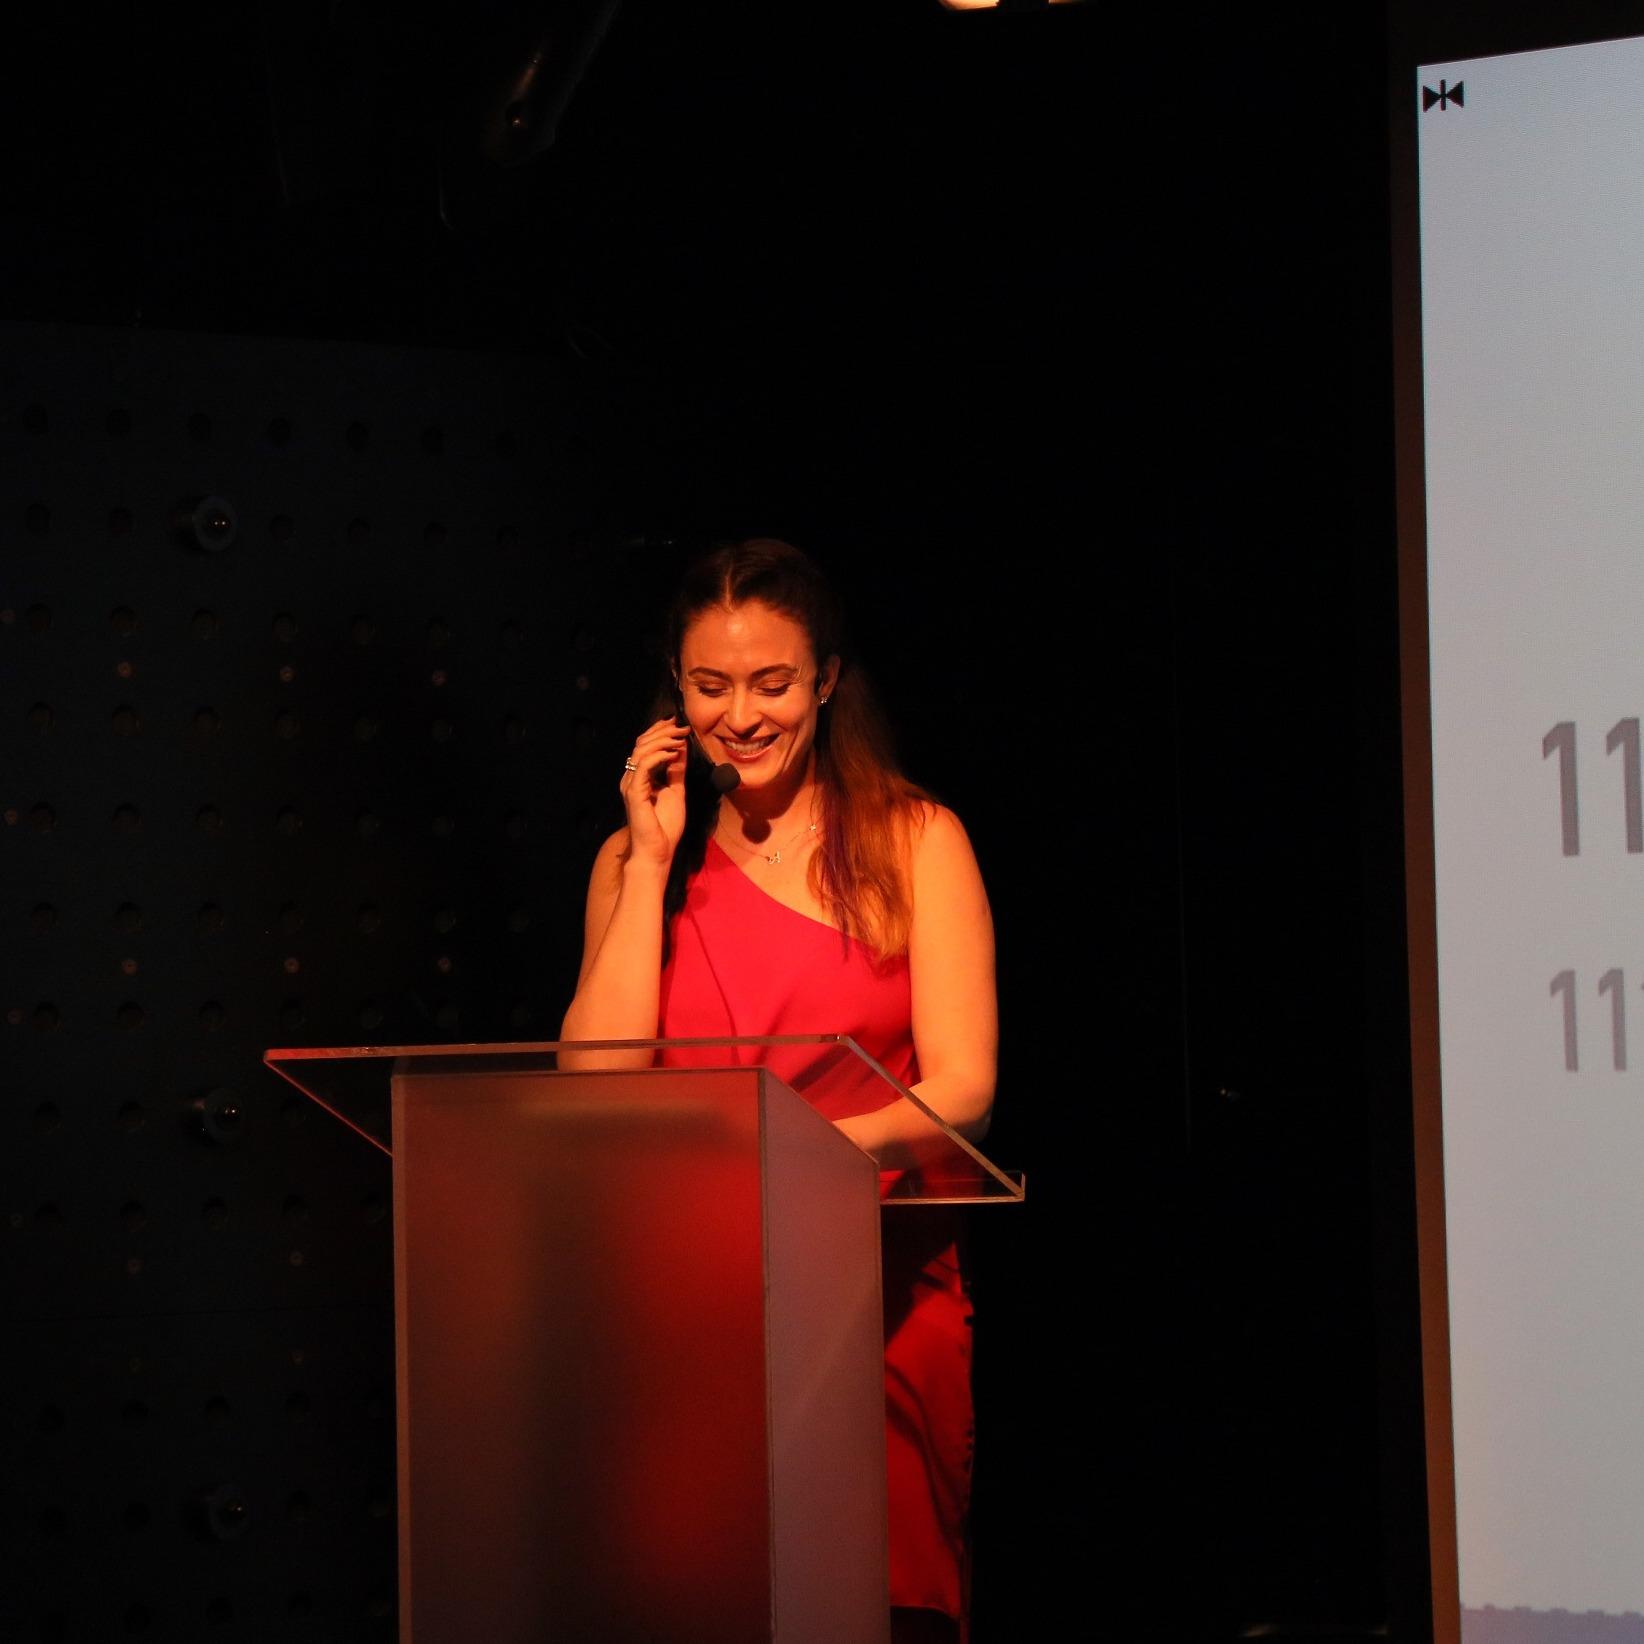 11. Akbank Kısa Film Festivali Yarışması sonuçları açıklandı!